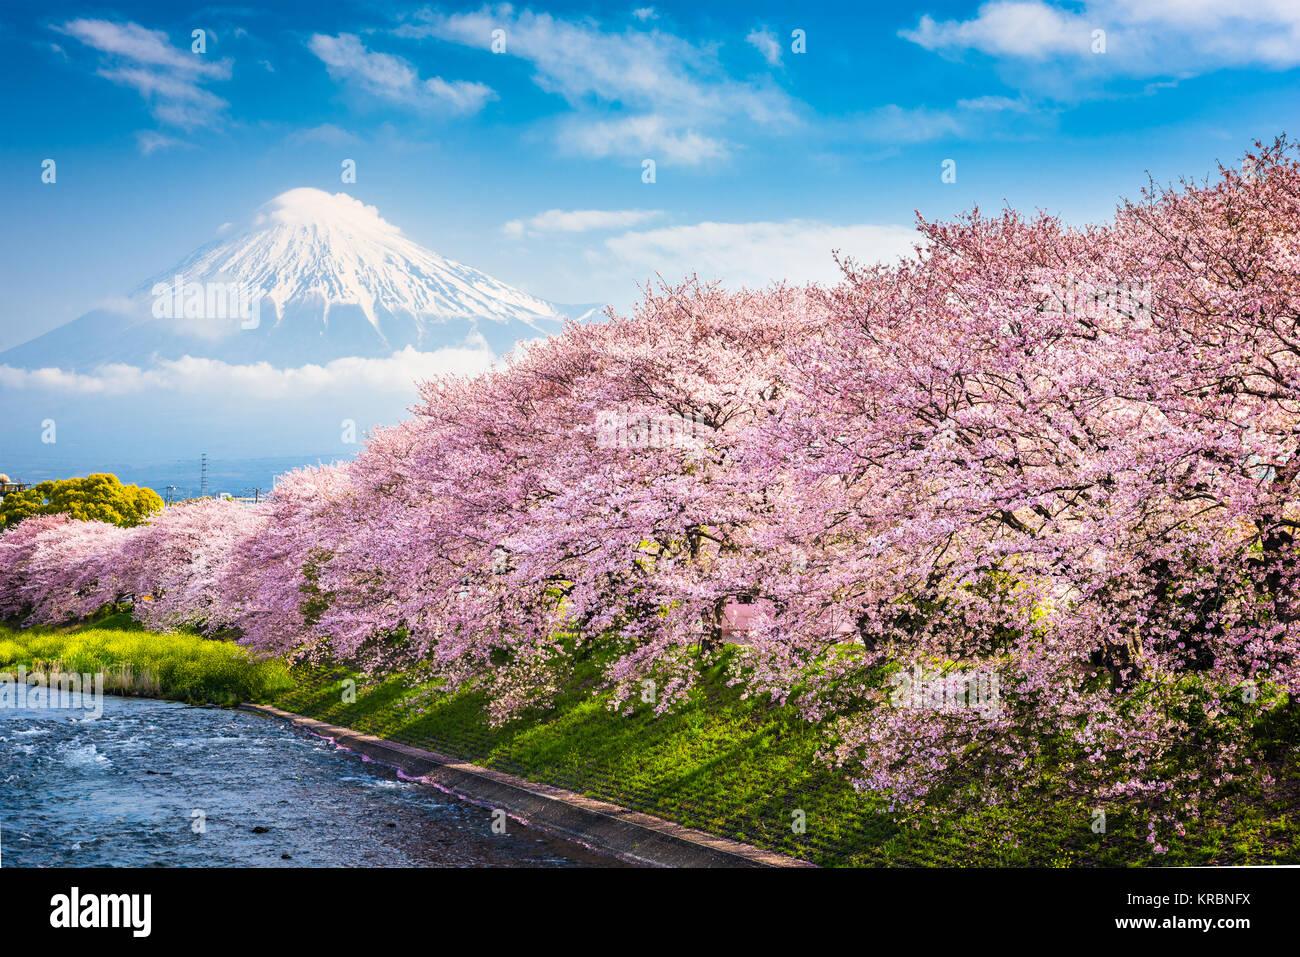 Mt. Fuji, Japan spring landscape. - Stock Image